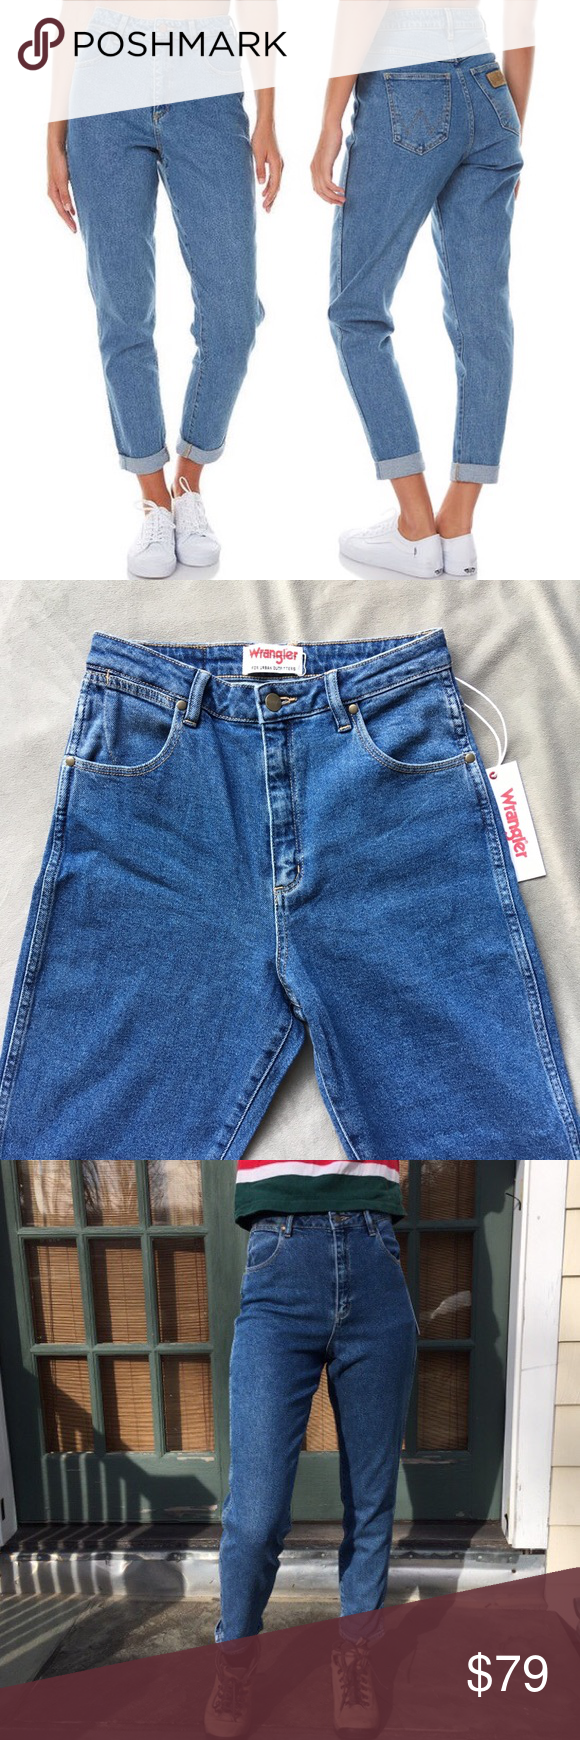 6e789f6e New Wrangler x UO Tyler High Waisted Mom Jeans The perfect high waisted mom  jeans by